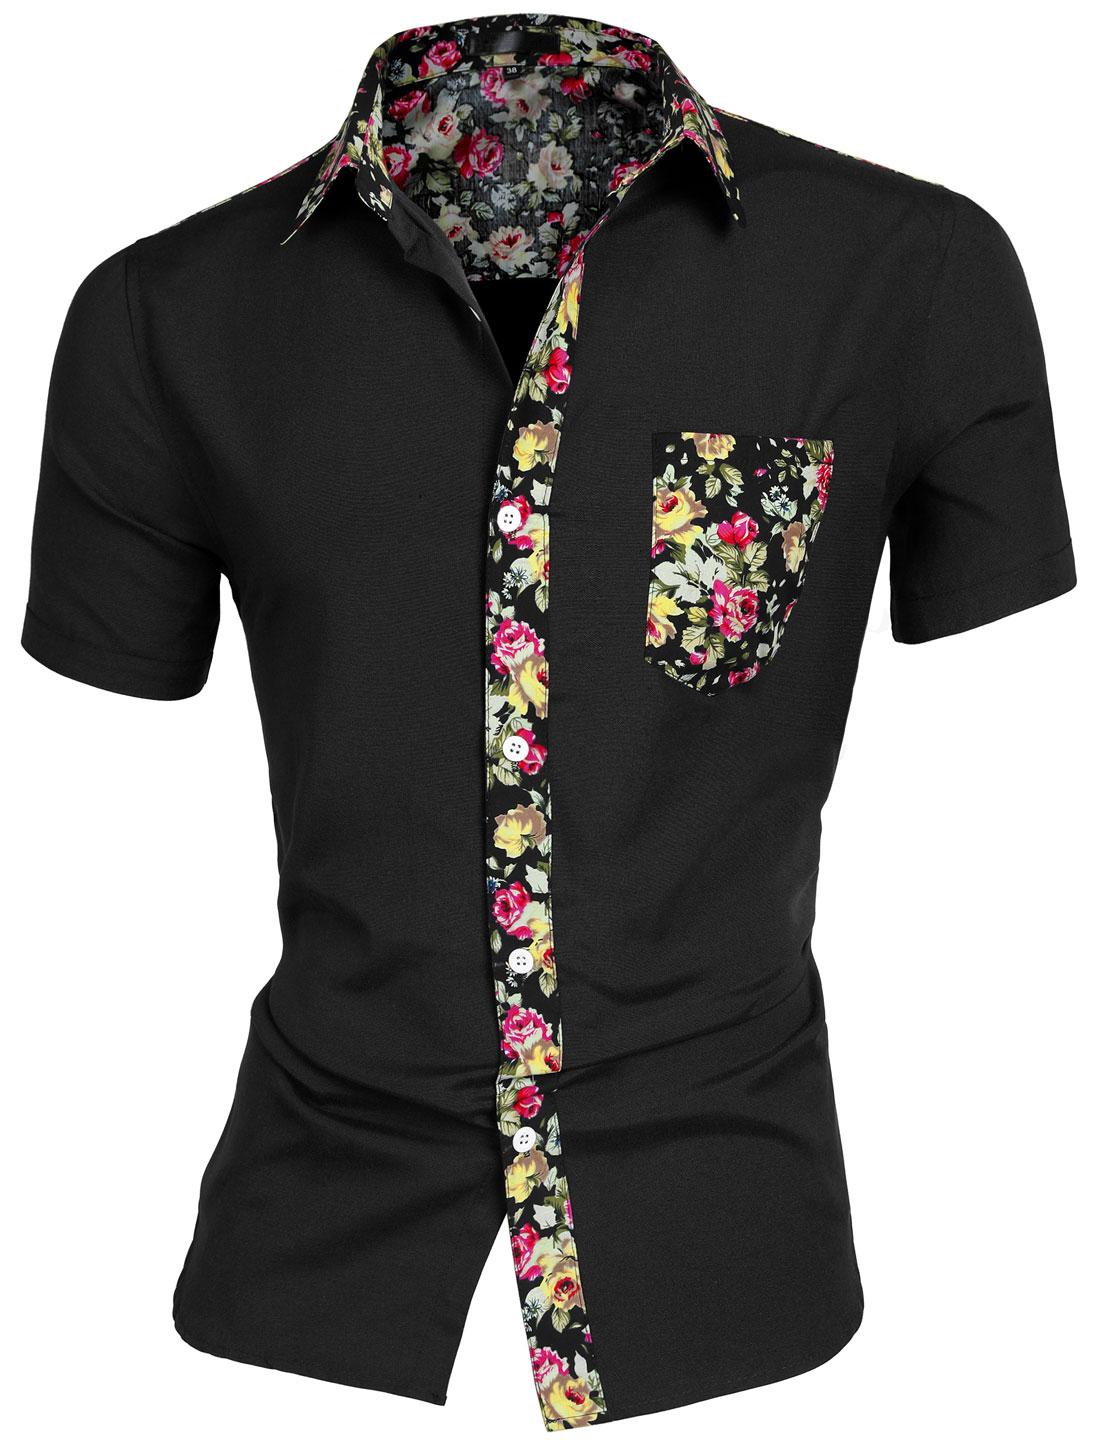 Men Flower Pattern Single Breasted Pocket Slim Fit Shirt Black S